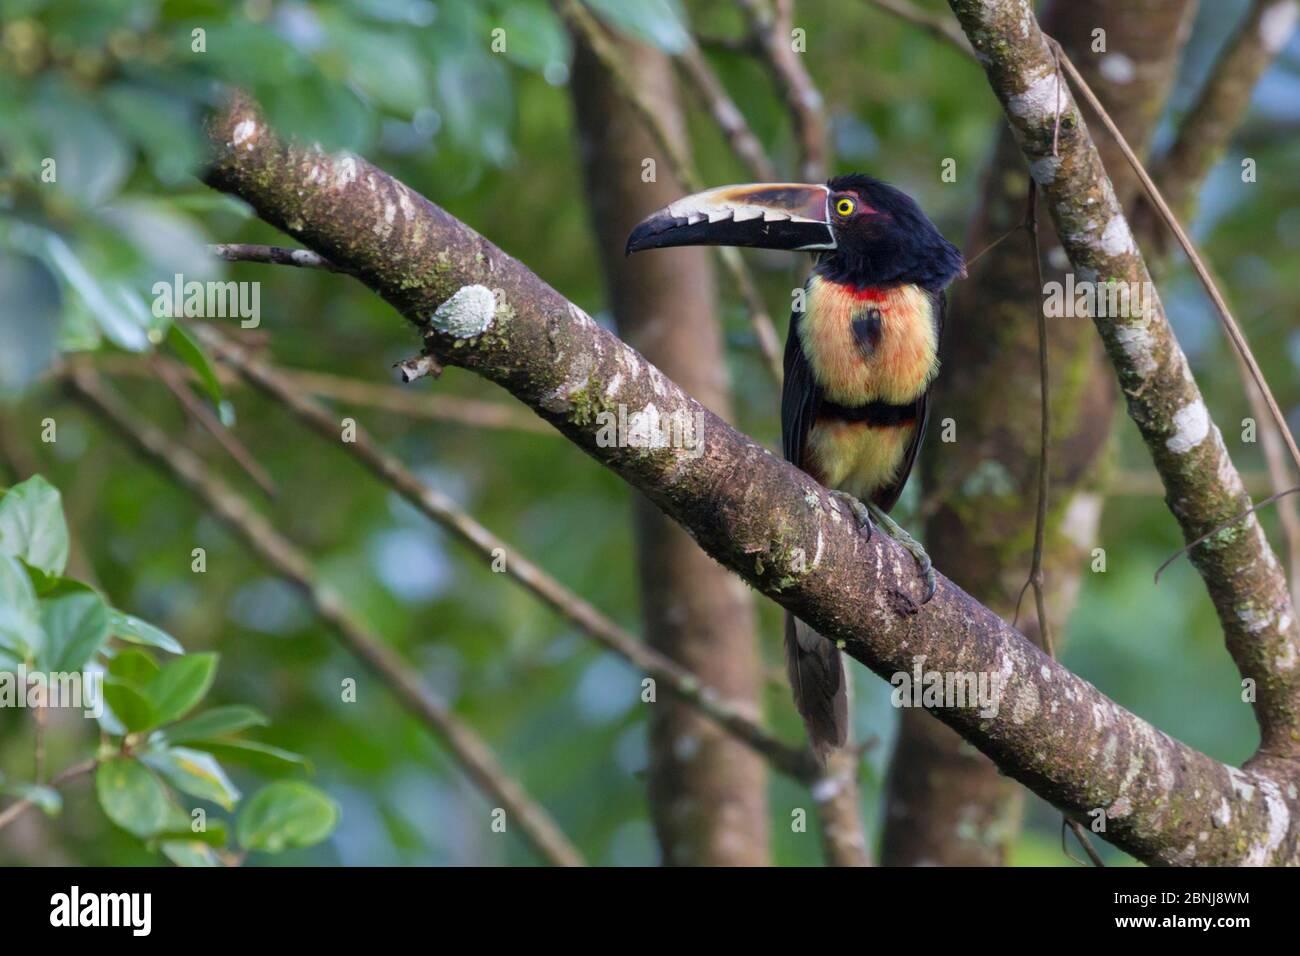 Aracari (Pteroglossus torquatus) chaîne de montagnes de la Cordillera de Talamanca, pentes des Caraïbes, Costa Rica. Banque D'Images